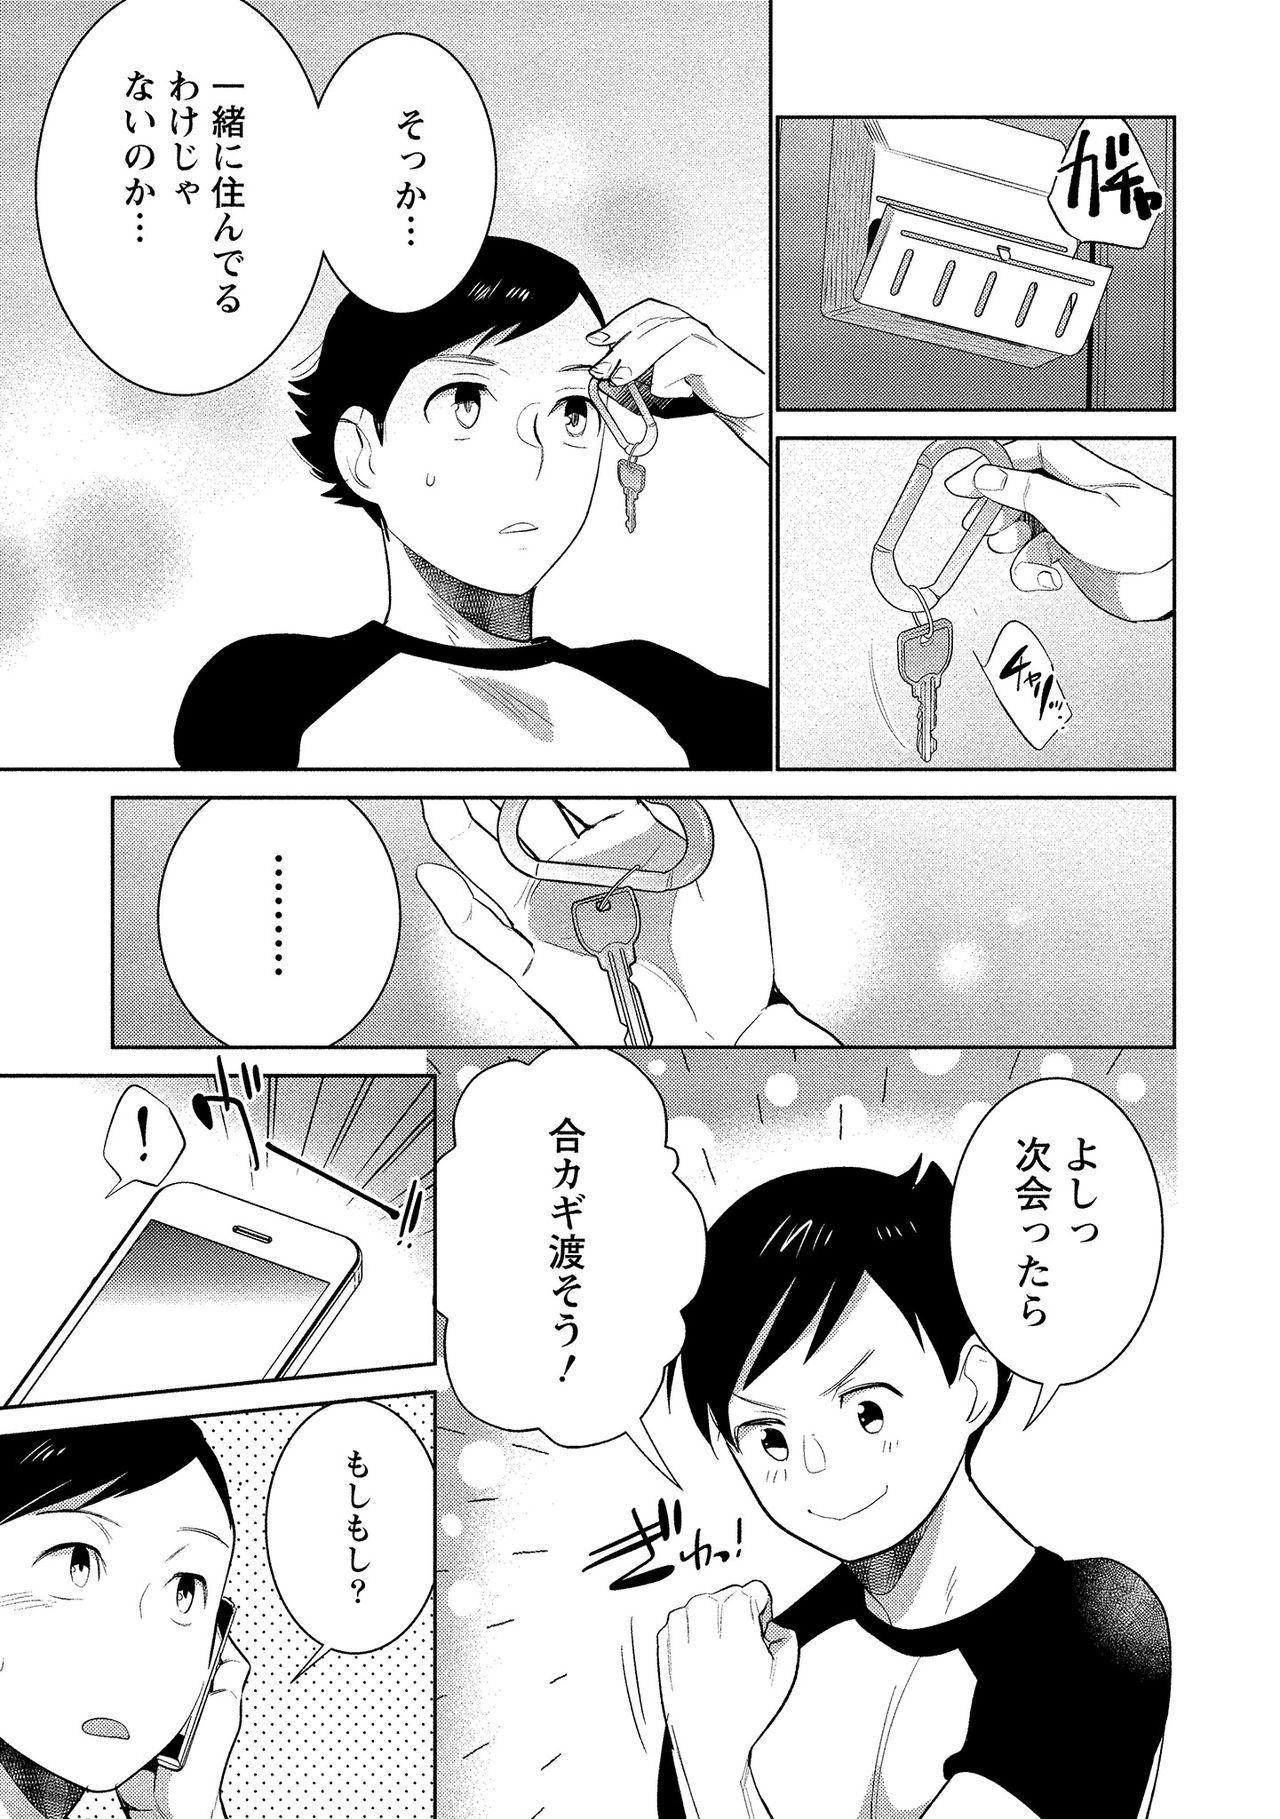 Dorobou Neko wa Kanojo no Hajimari 41